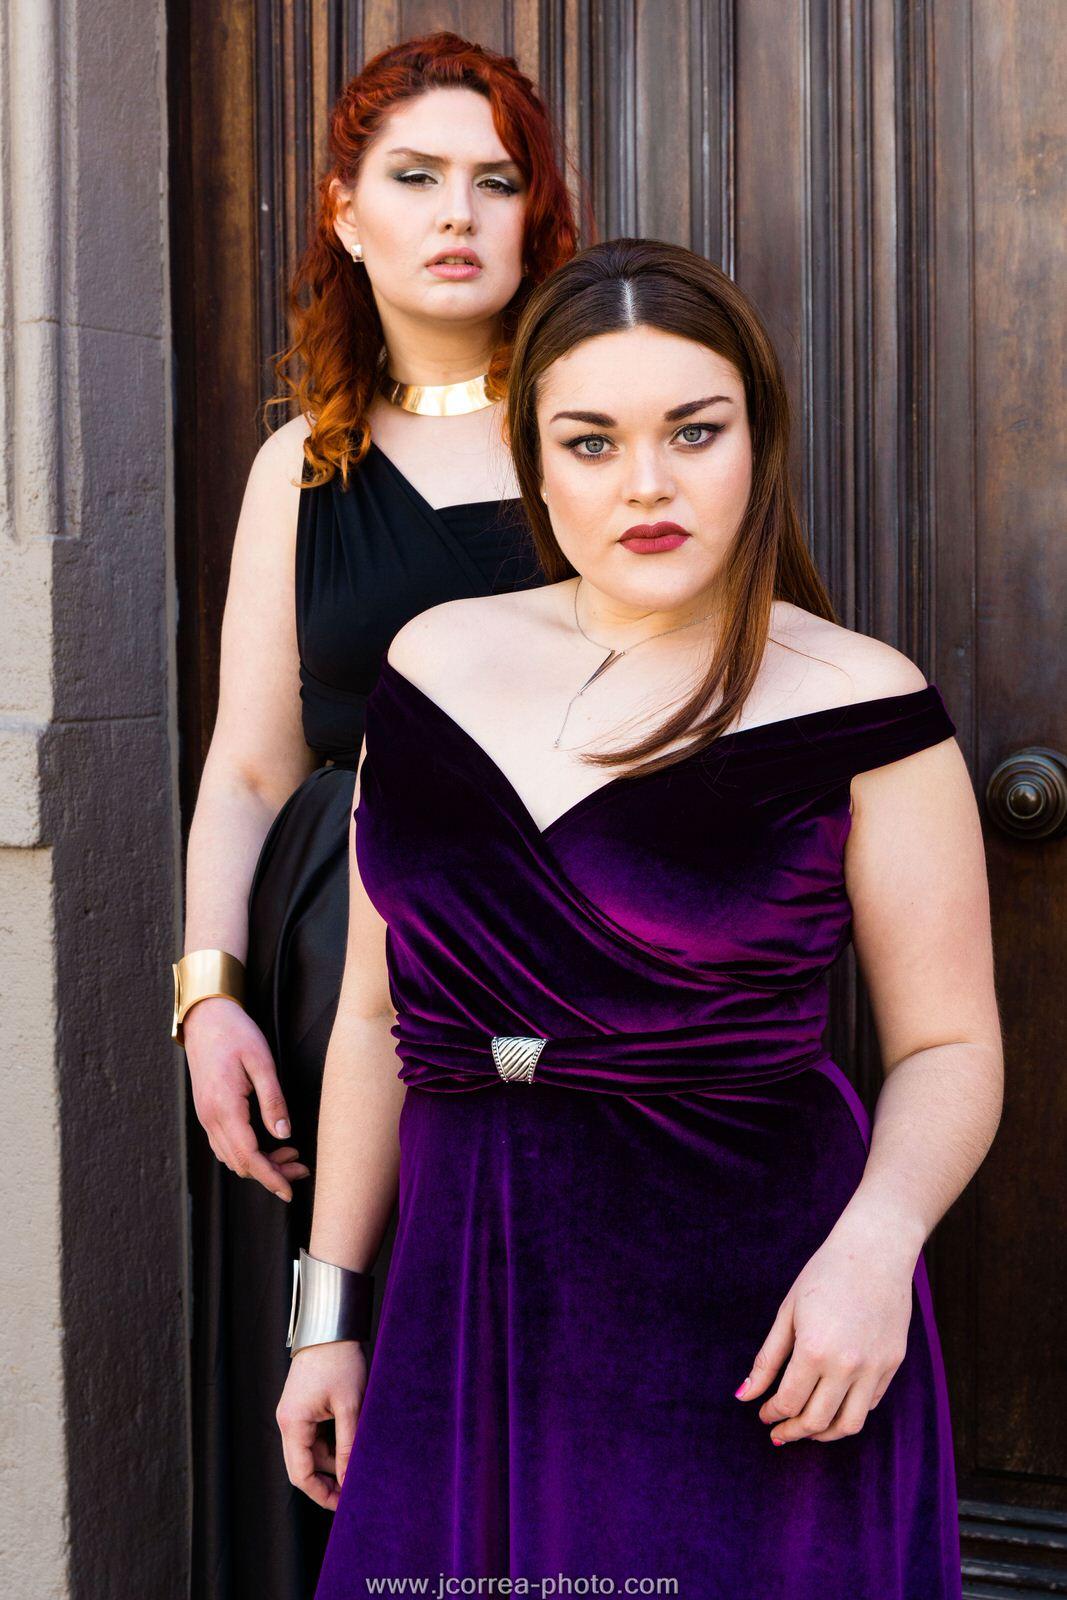 Sesion curvy plus size vestidos Argentina Chile photoshoot model photographer loveMybody Casa de Moda Santiago